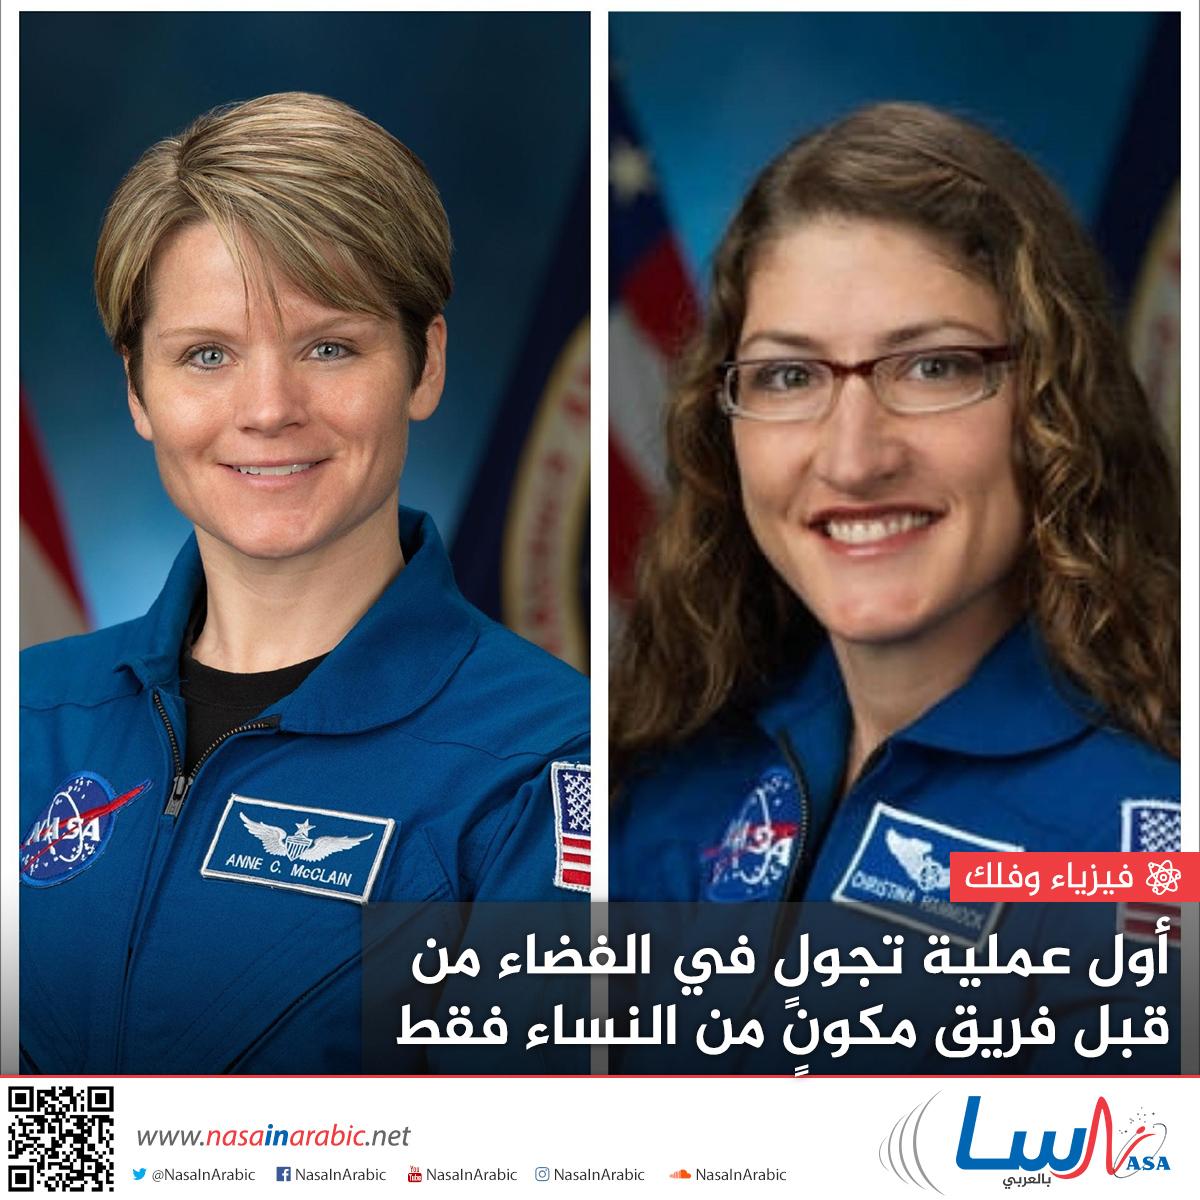 أول عملية تجولٍ في الفضاء من قبل فريق مكونٍ من النساء فقط